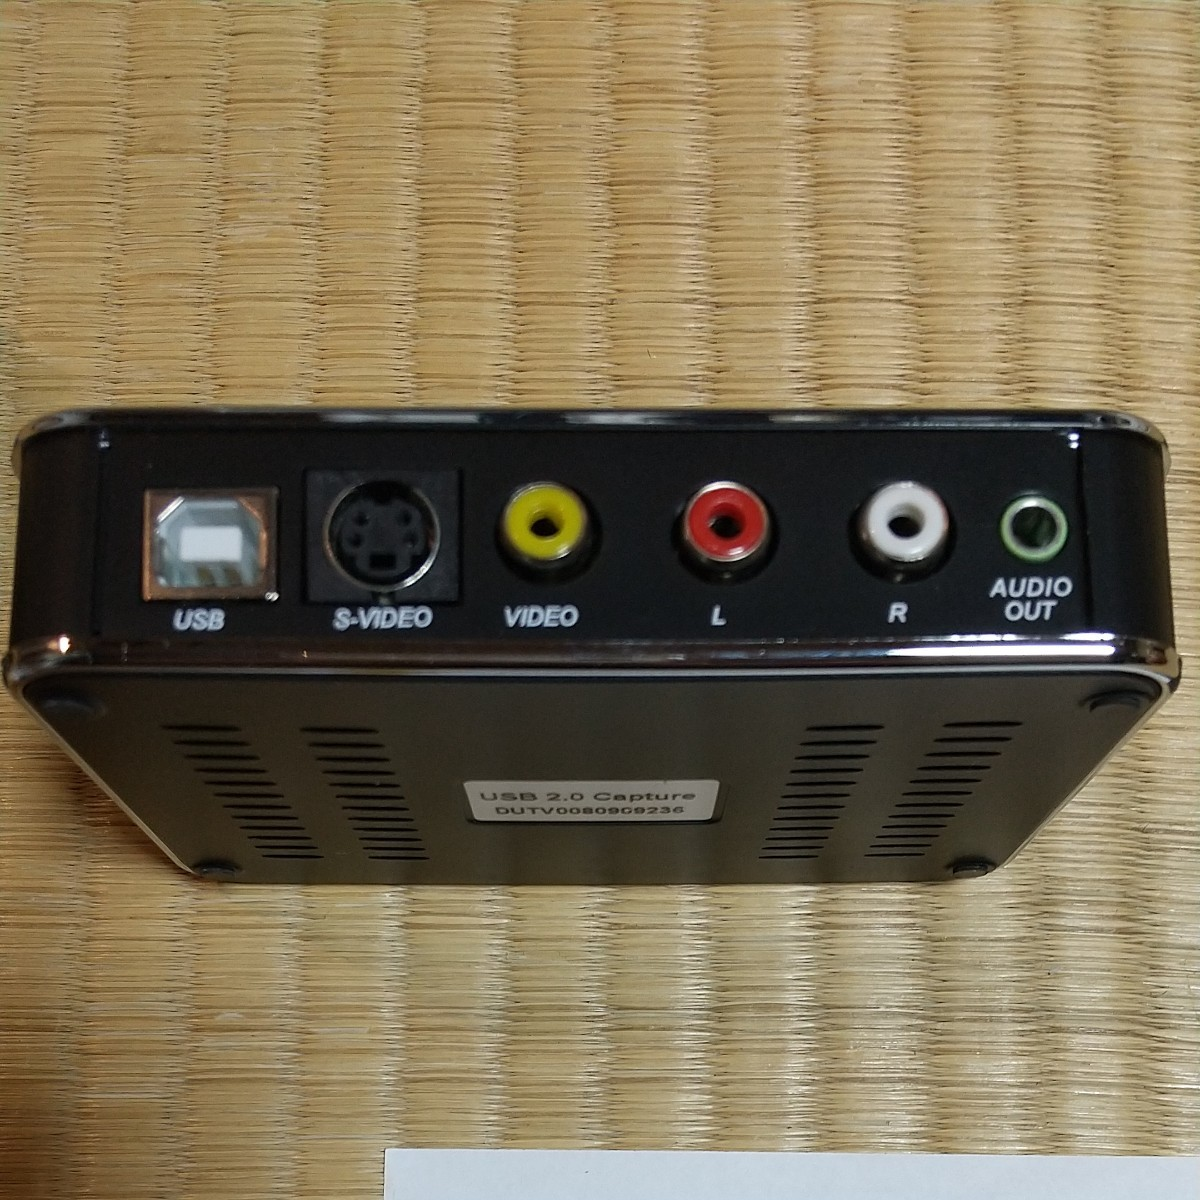 USB2.0キャプチャユニット XSPEED-F1